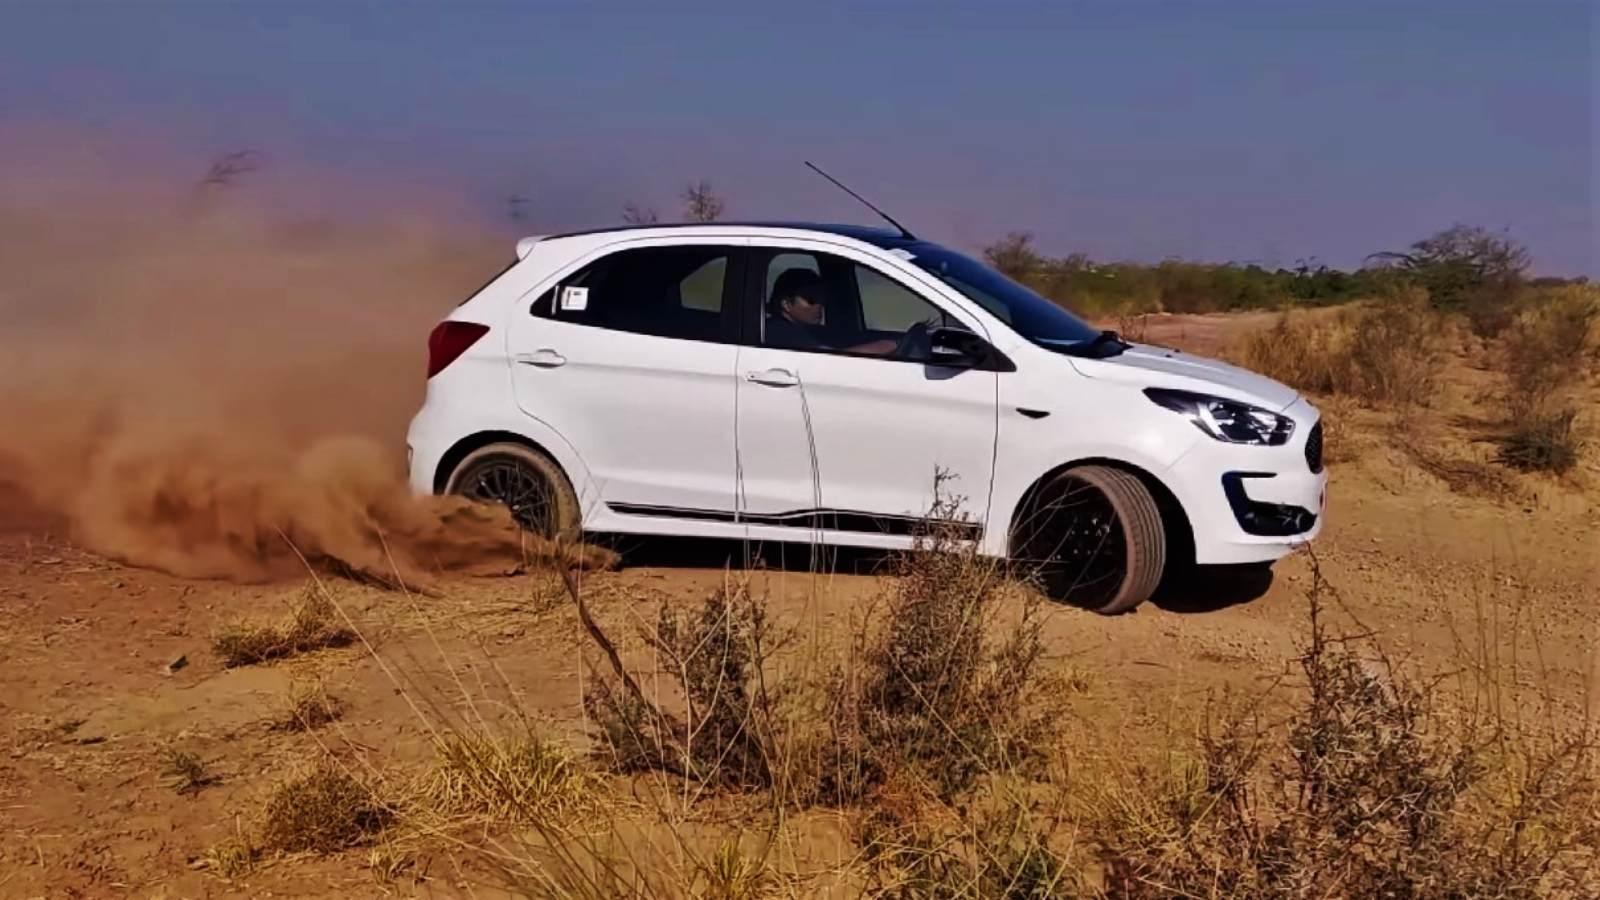 2019 Ford Figo Review Best Hatchback Under Inr 10 Lakh Motoroids